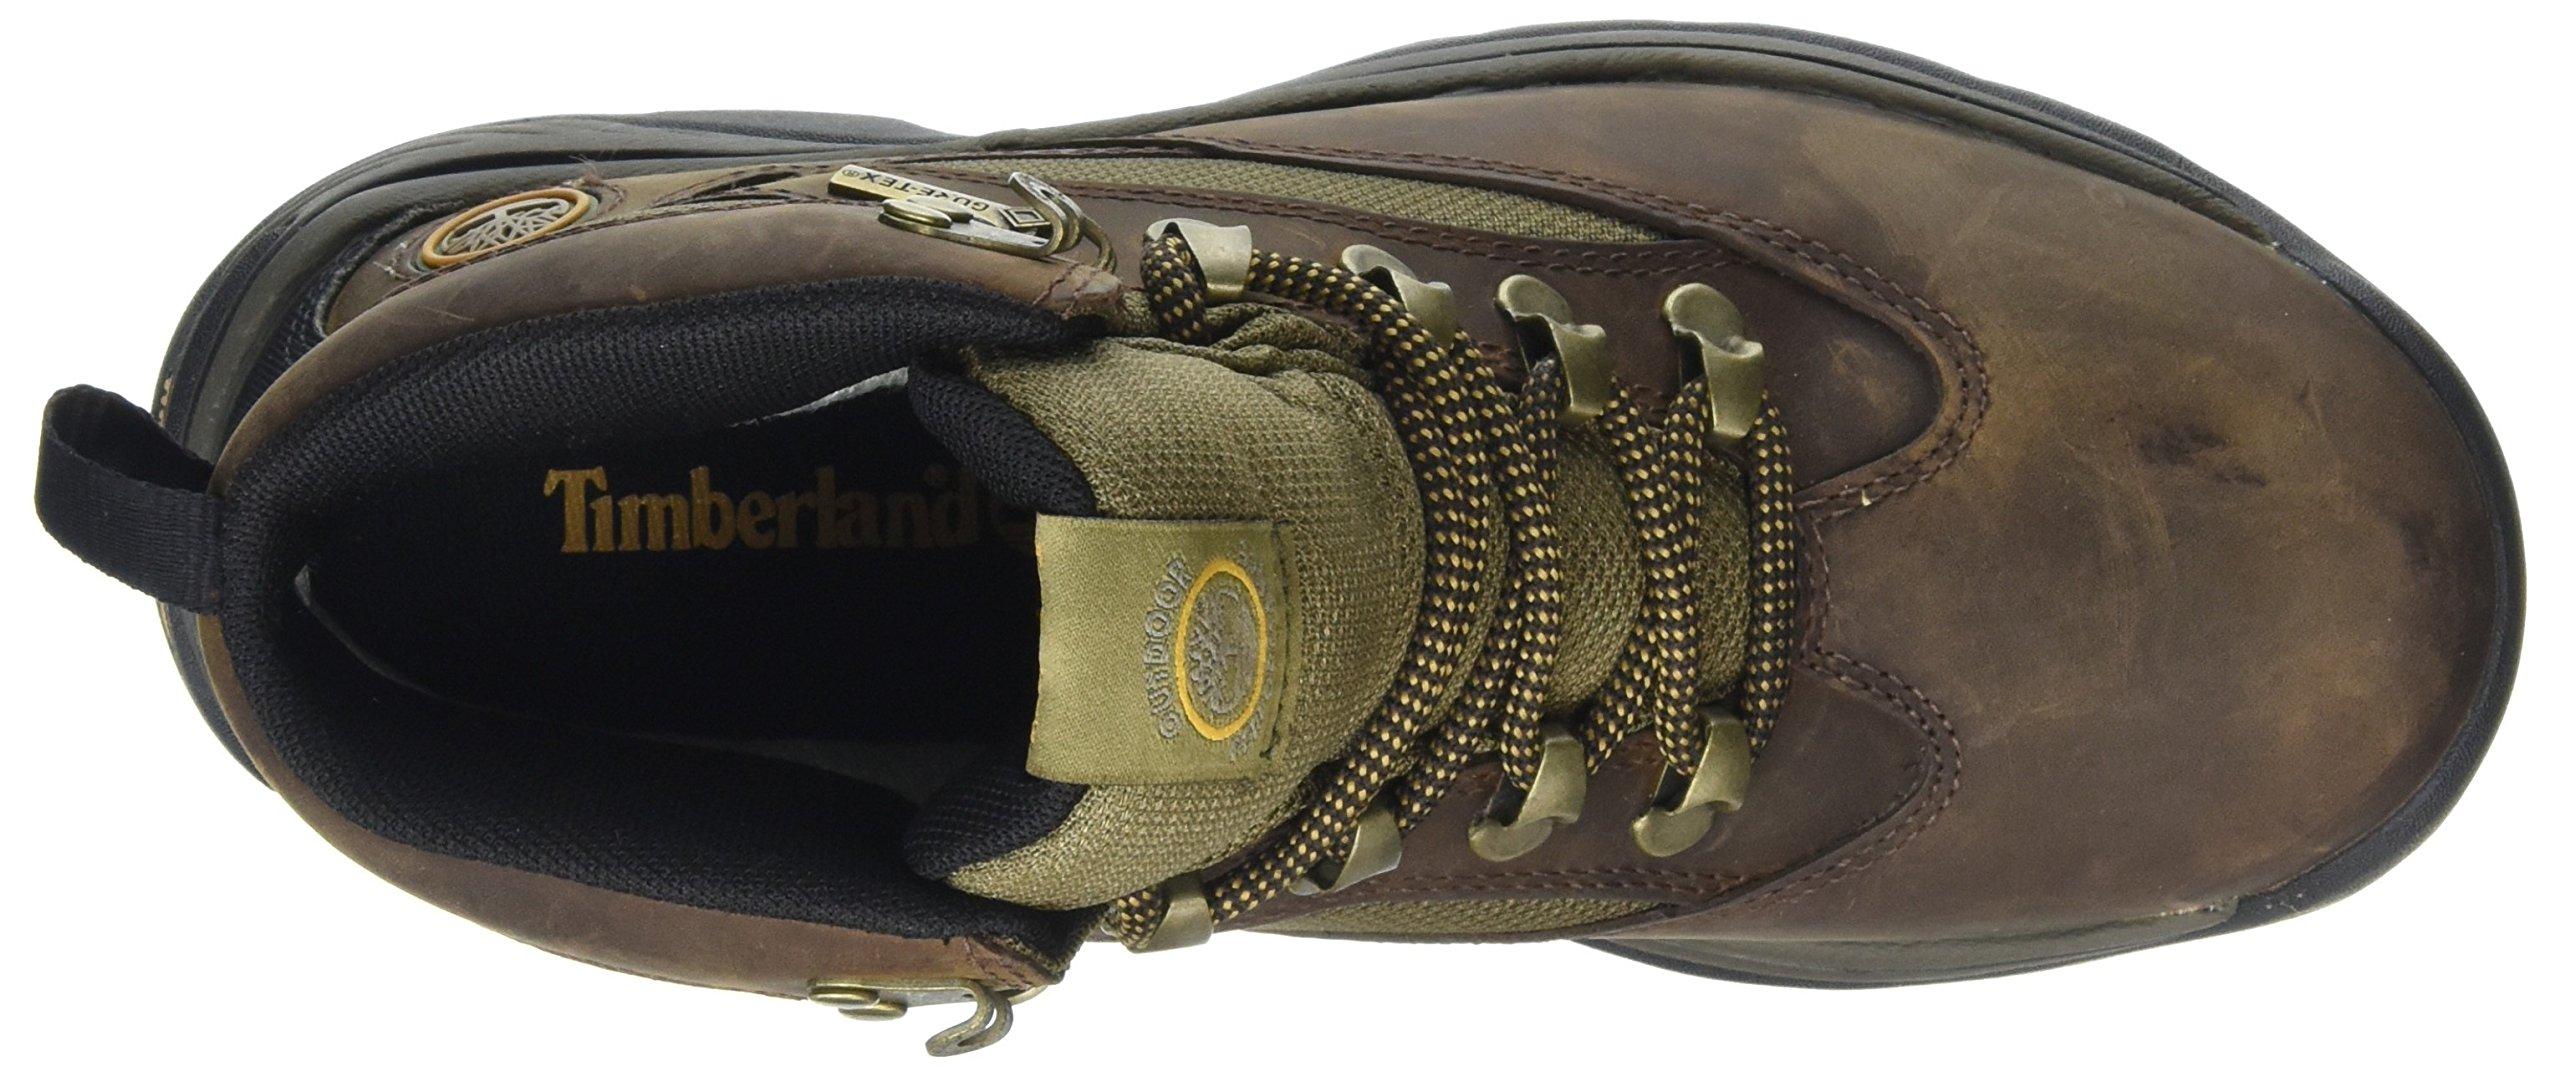 Timberland Women's Chocorua Trail Boot,Brown,8 M by Timberland (Image #7)